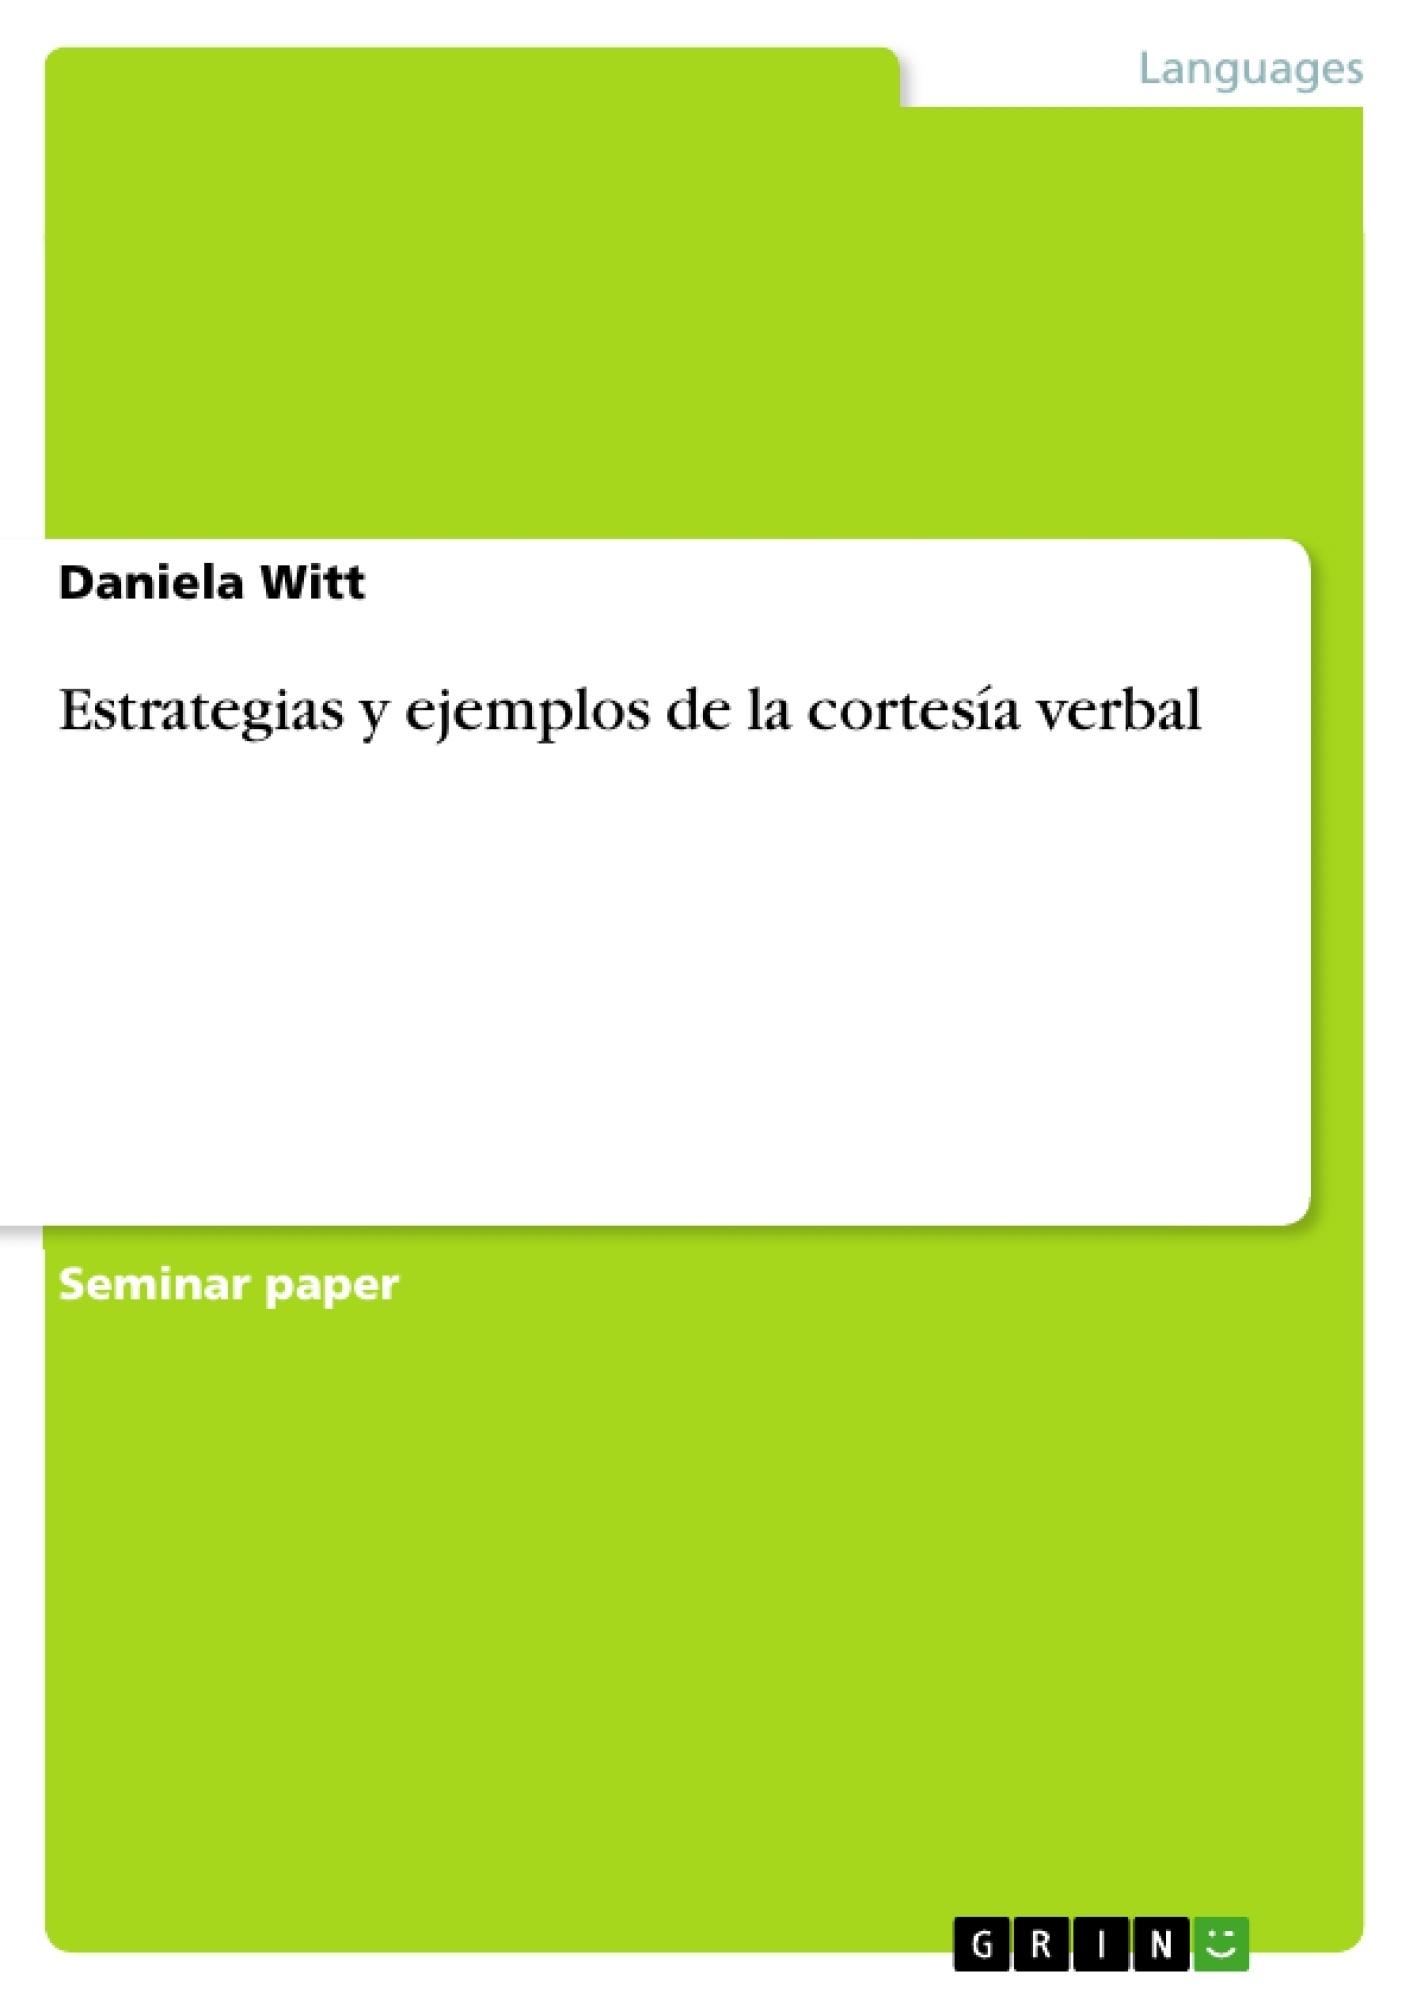 Título: Estrategias y ejemplos de la cortesía verbal